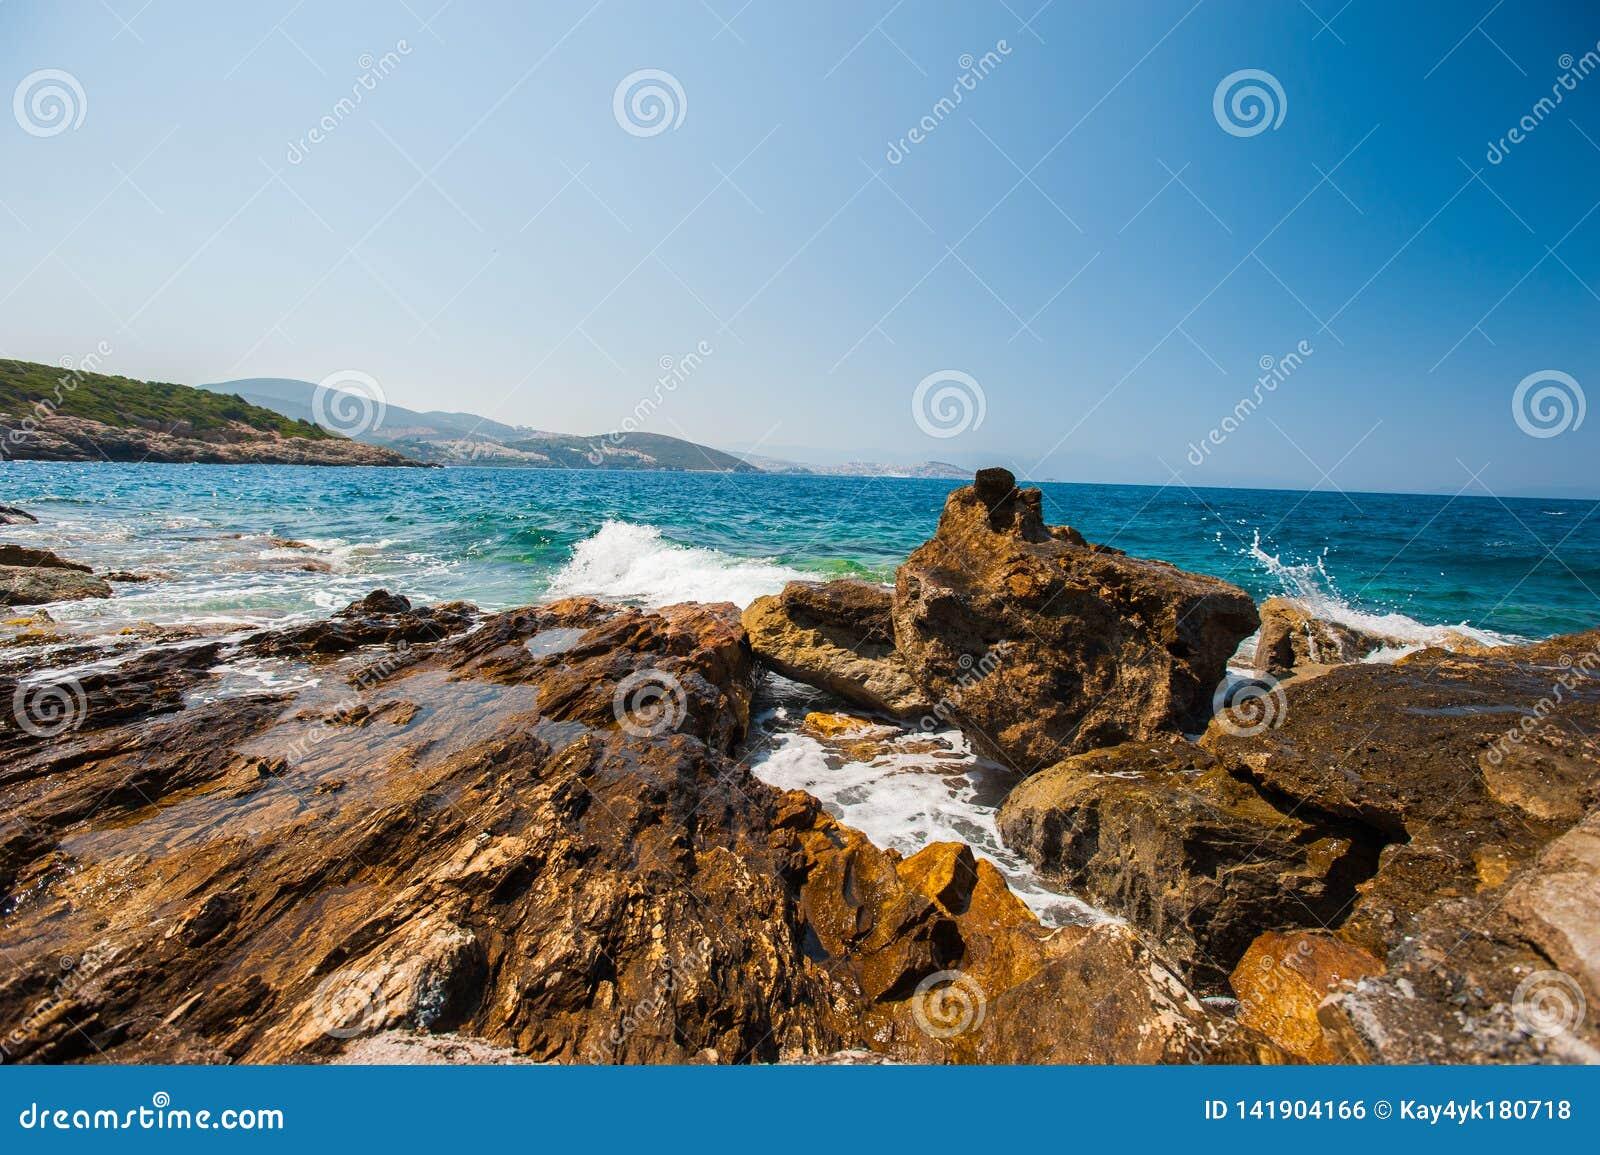 De golven slaan op de rotsen, de overzeese woede op de stenen